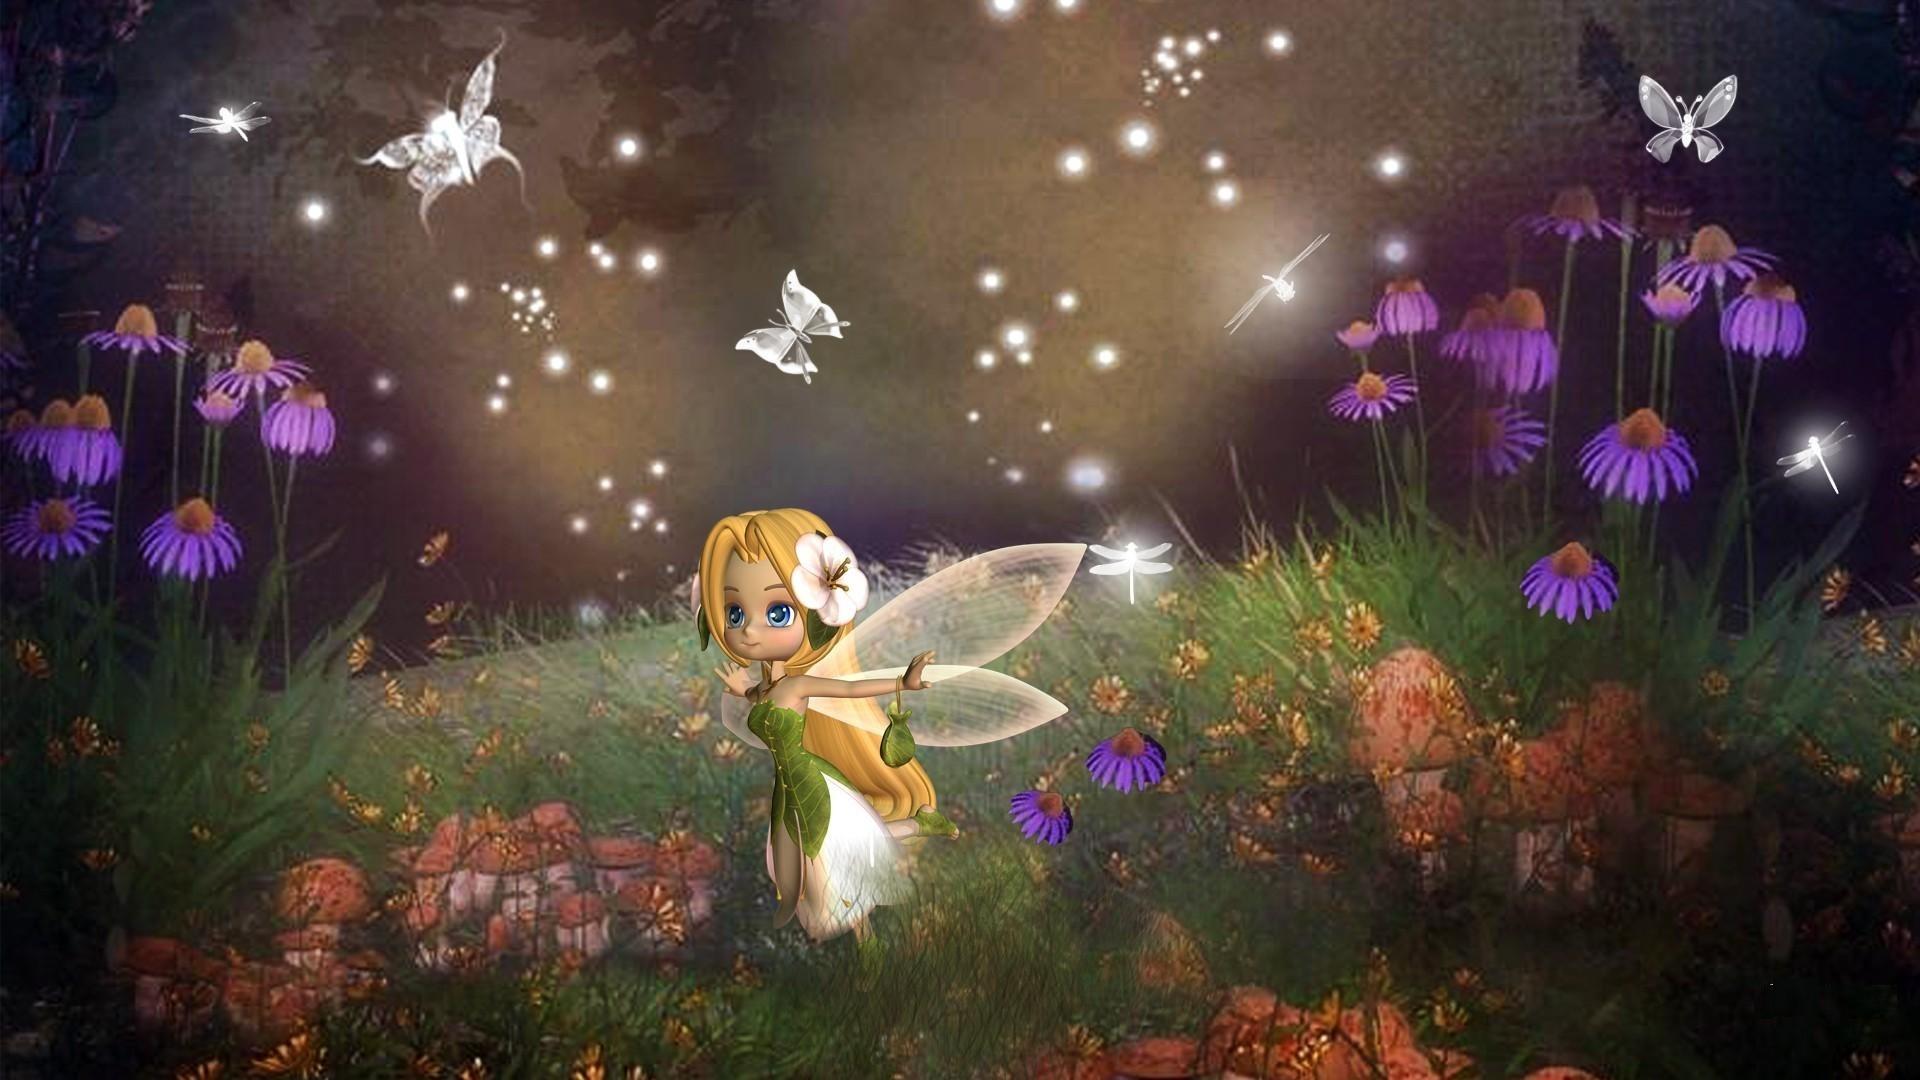 3d fairy wallpaper 53 images